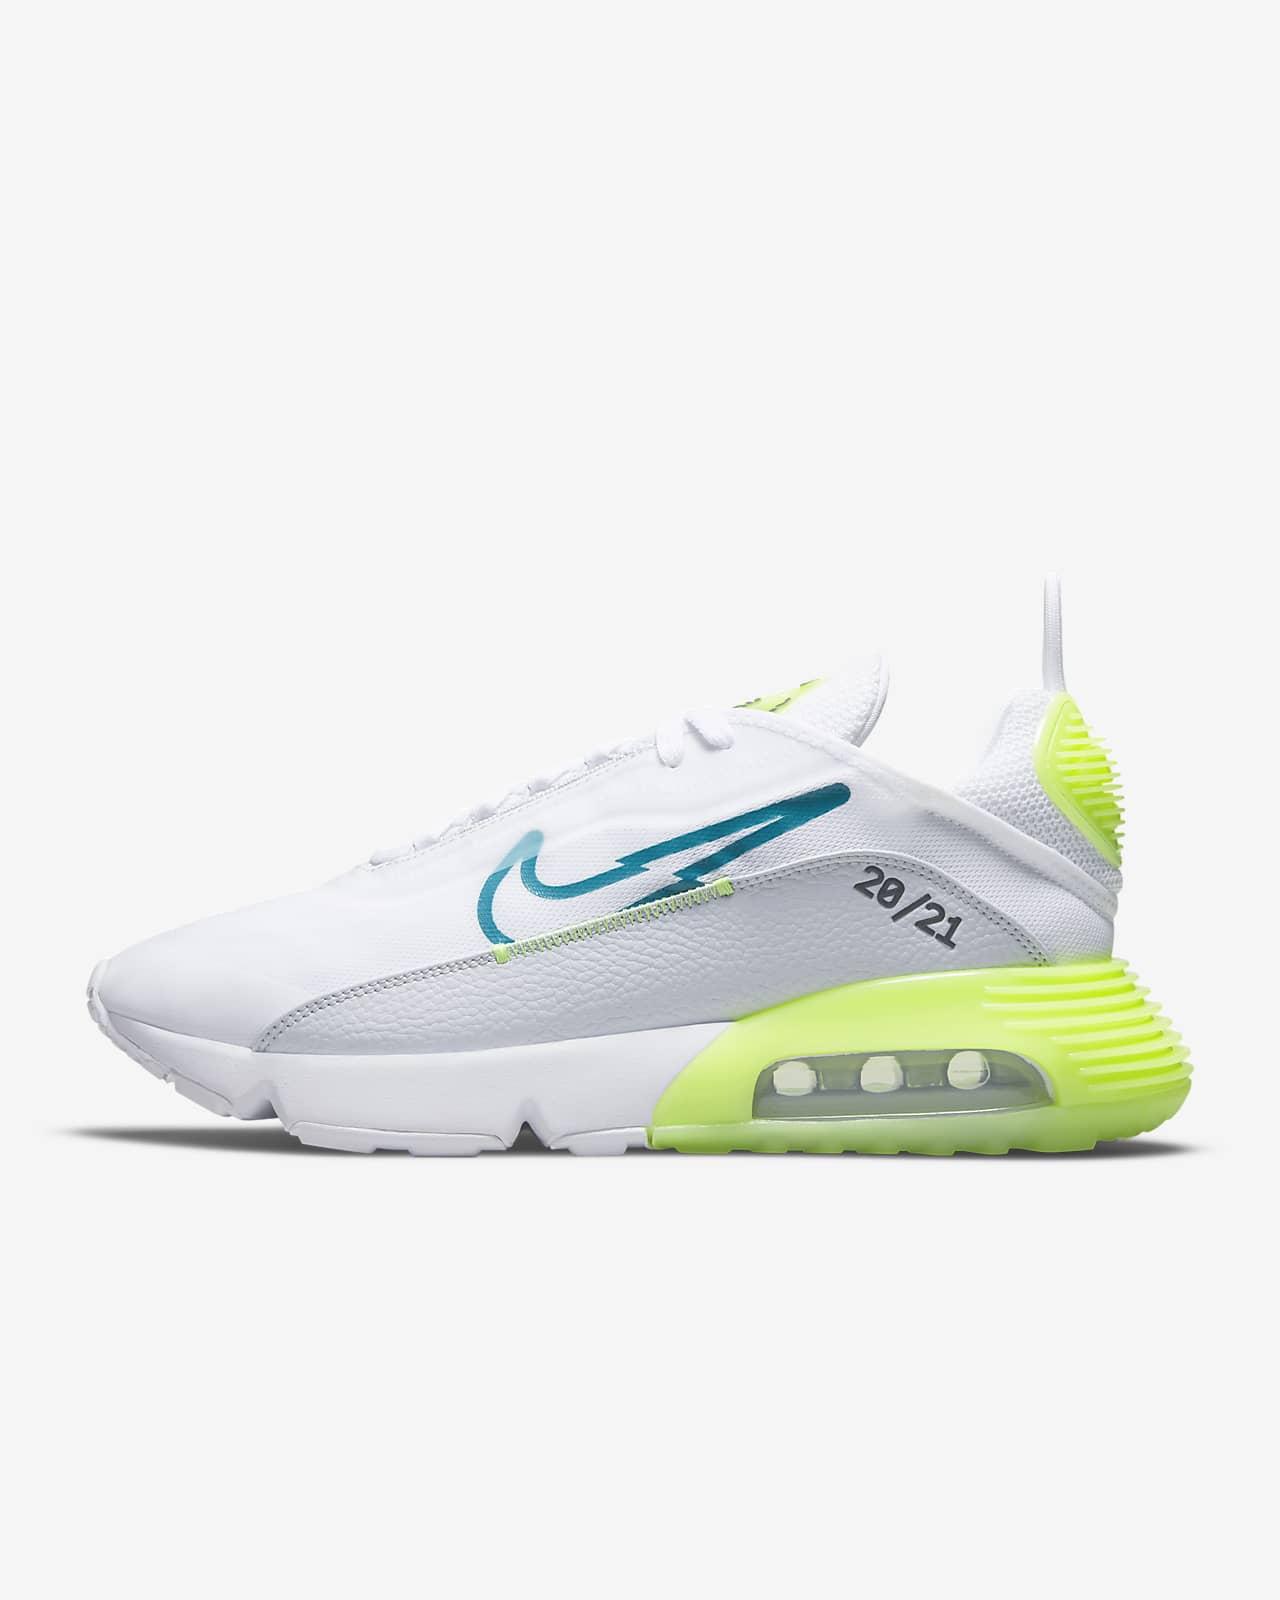 Sko Nike Air Max 2090 för män